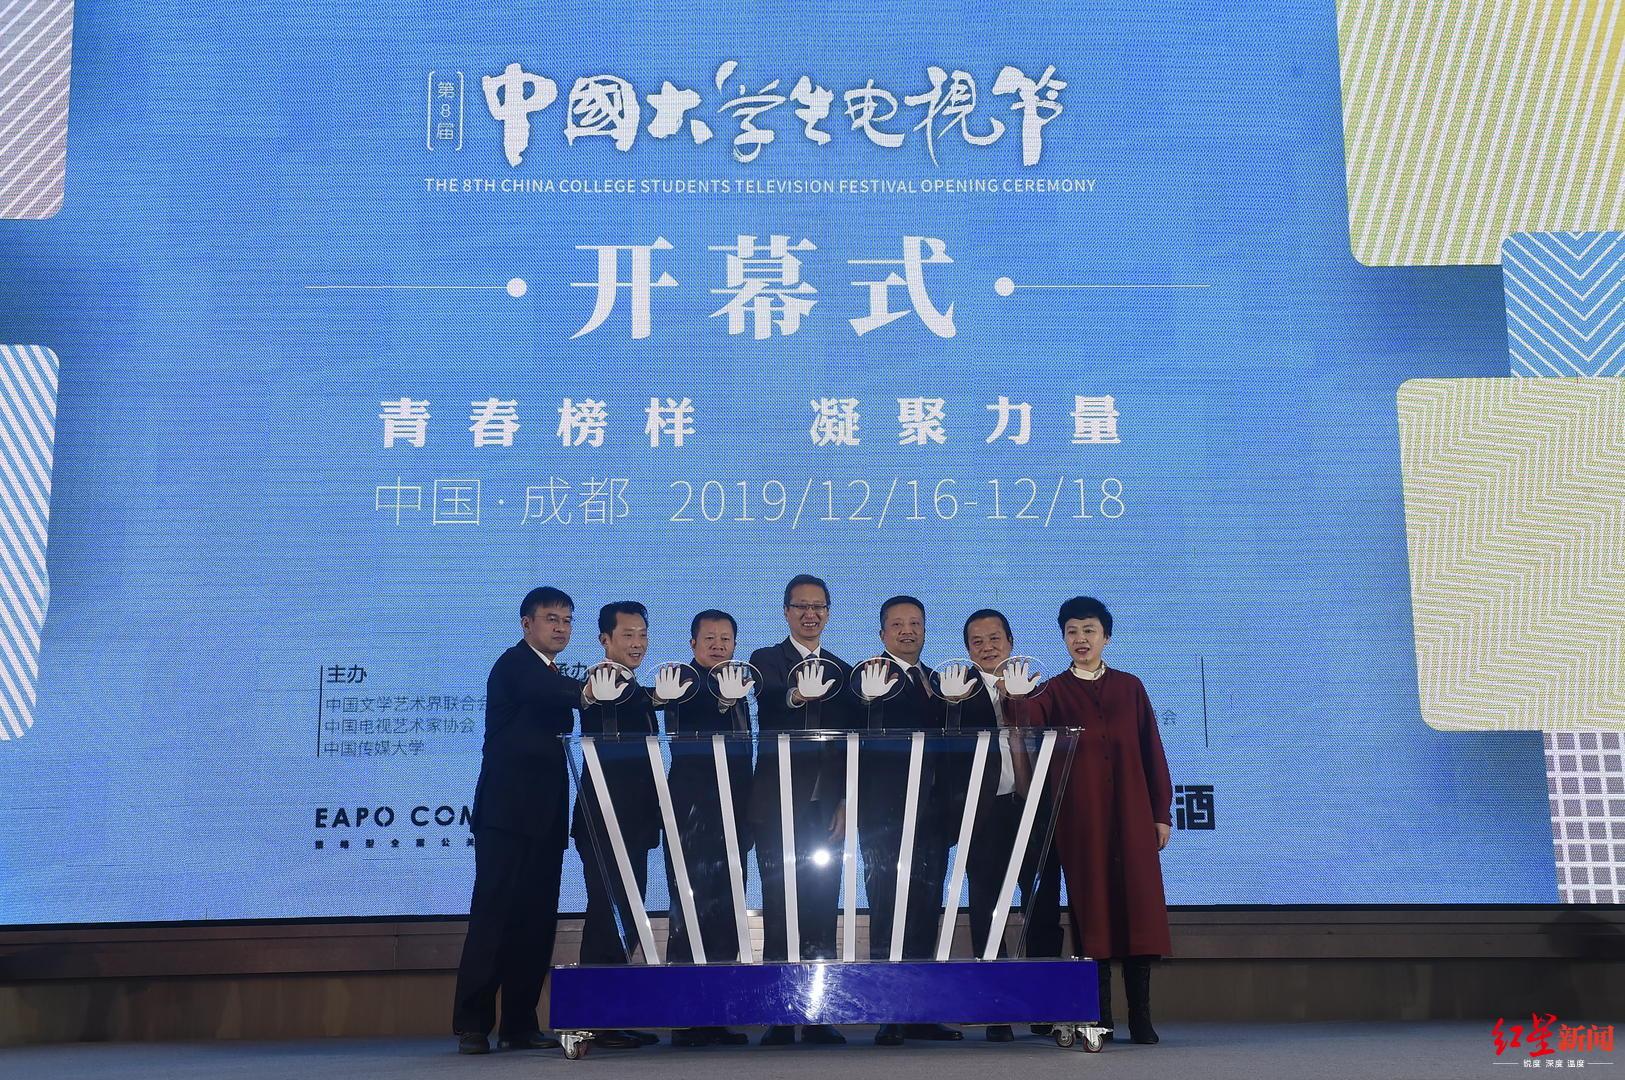 第八届中国大学生电视节今日开幕,将连续3年落户成都